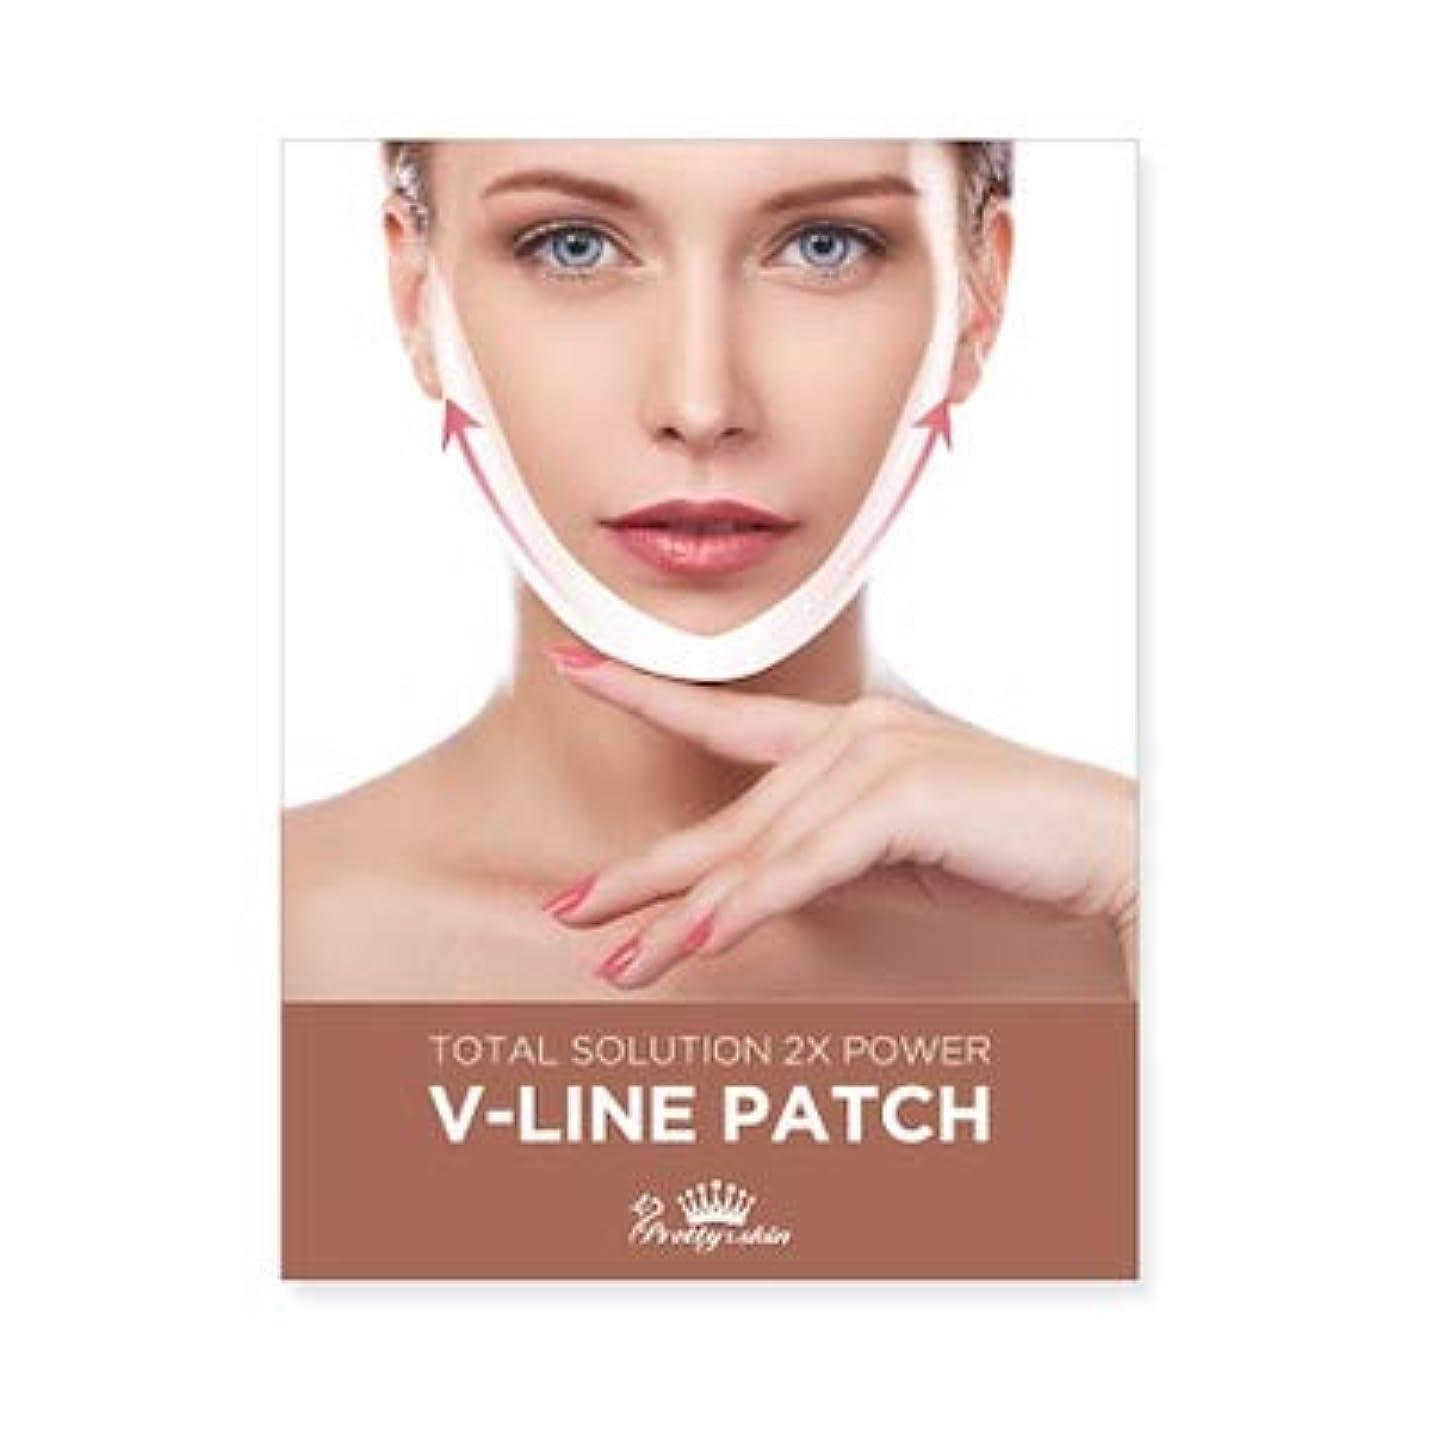 喜劇ブラジャー道徳教育pretty skin プリティスキン V-LINE PATCH ブイラインパッチ リフトアップ マスク (5枚組, ホワイト)